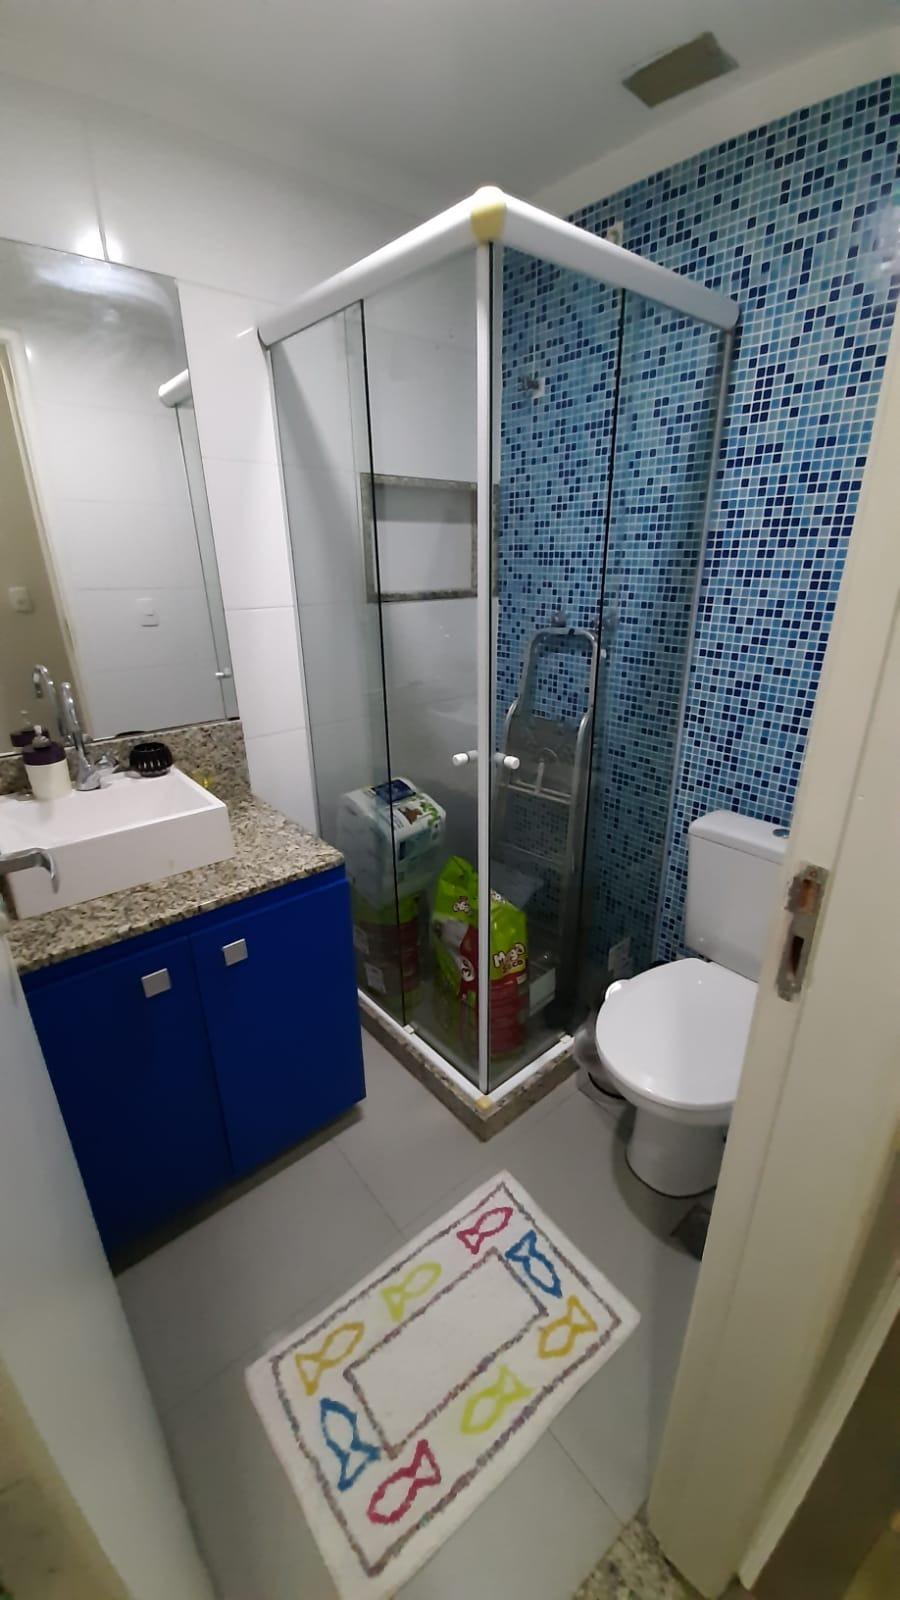 FOTO 20 - Cobertura 3 quartos à venda Rio de Janeiro,RJ - R$ 600.000 - CO00025 - 21